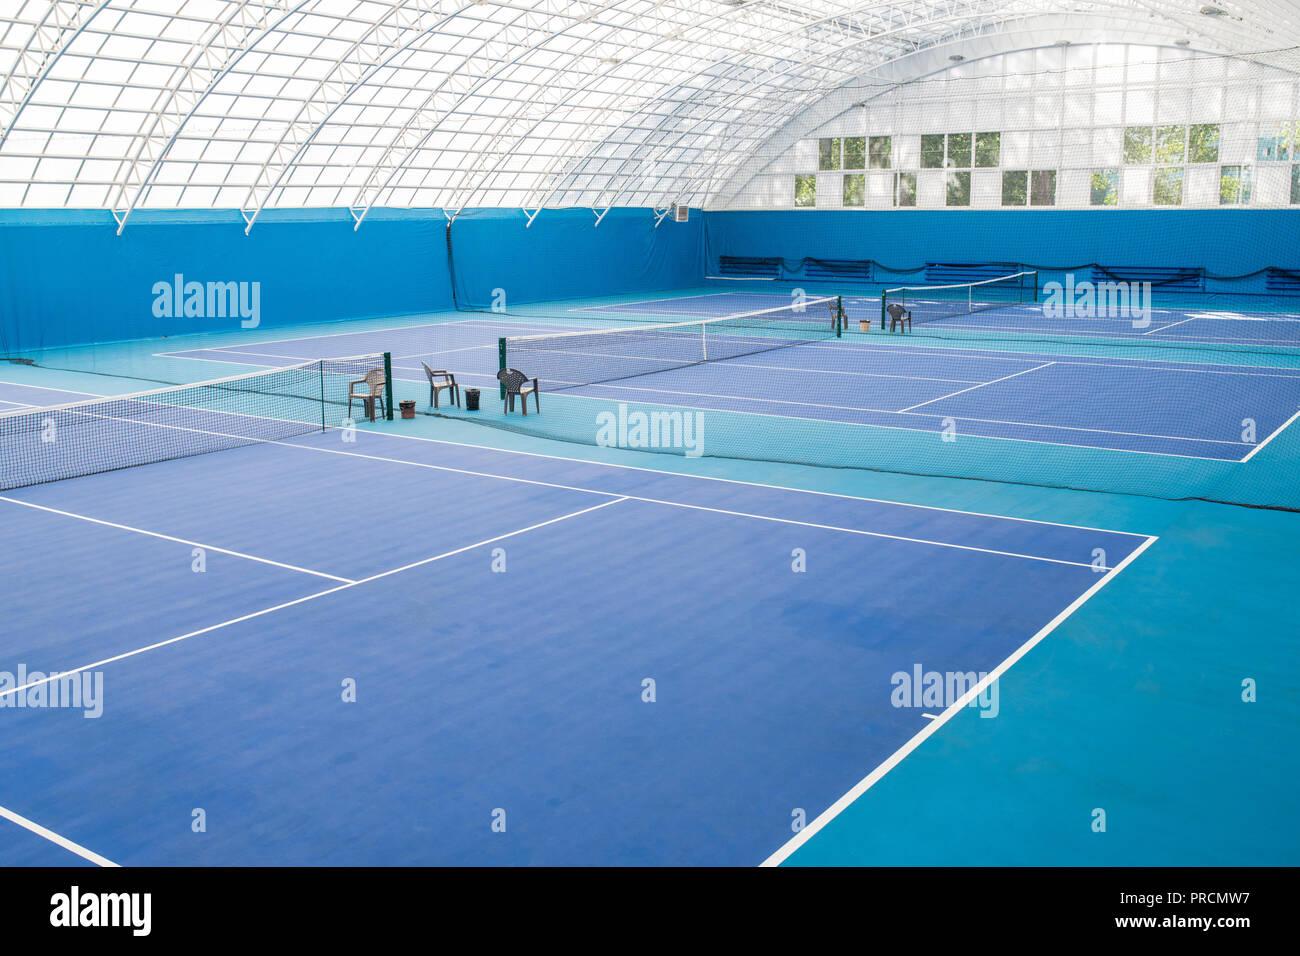 Pista de Tenis azul Imagen De Stock